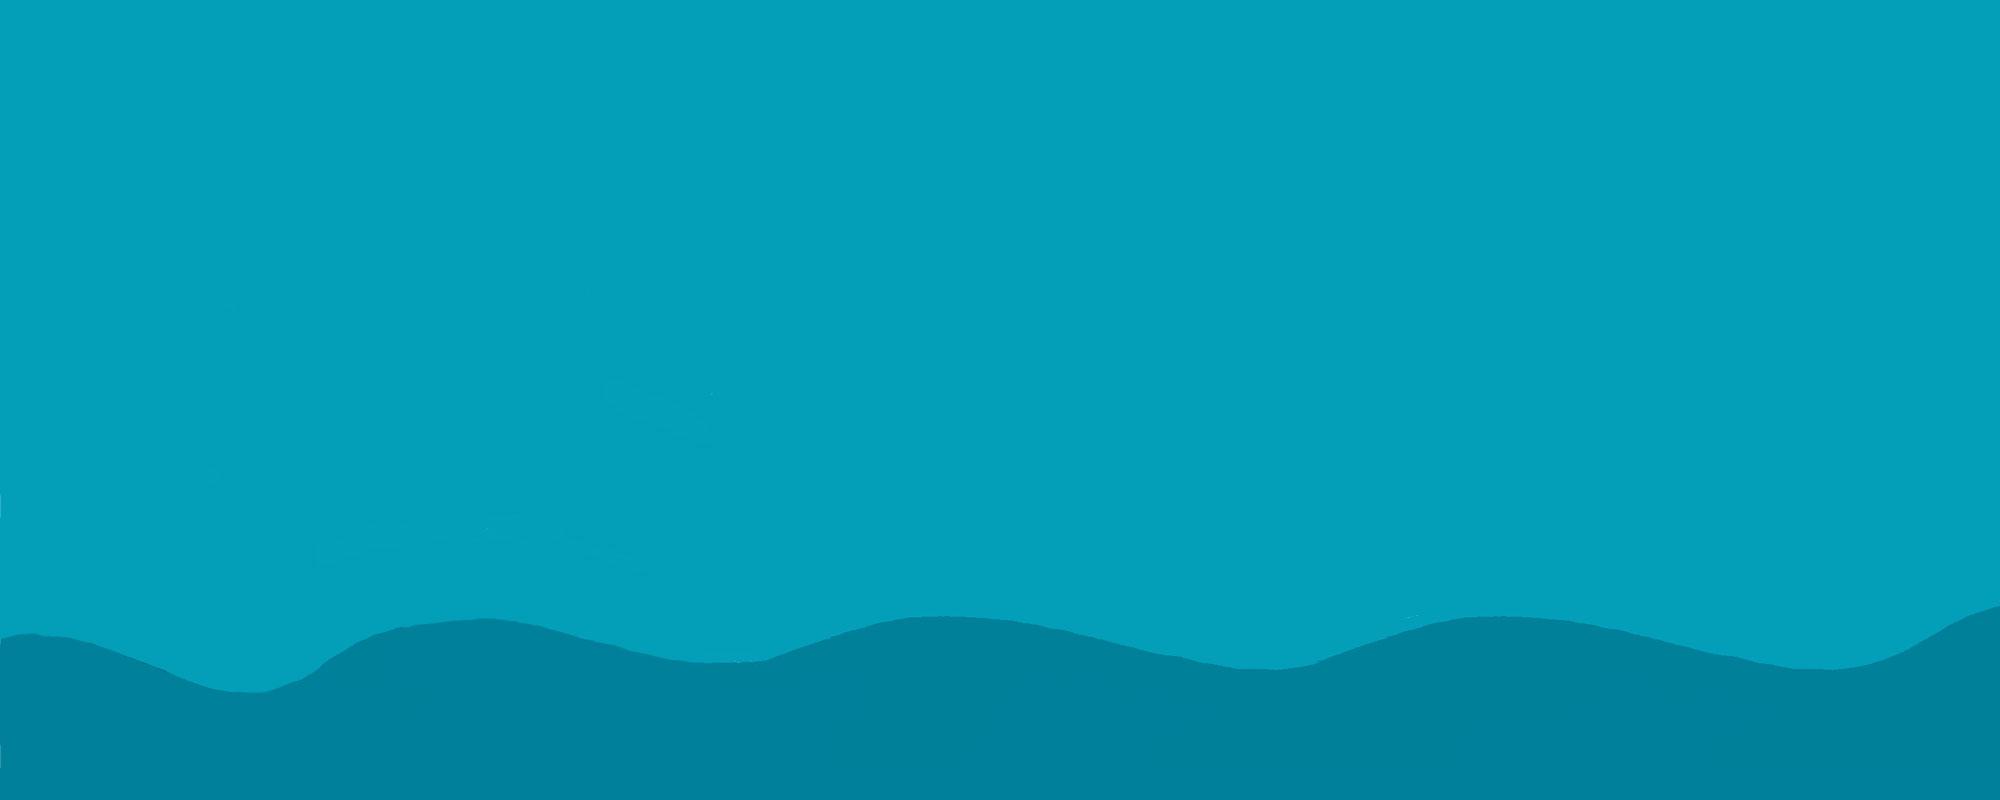 Background-00-web